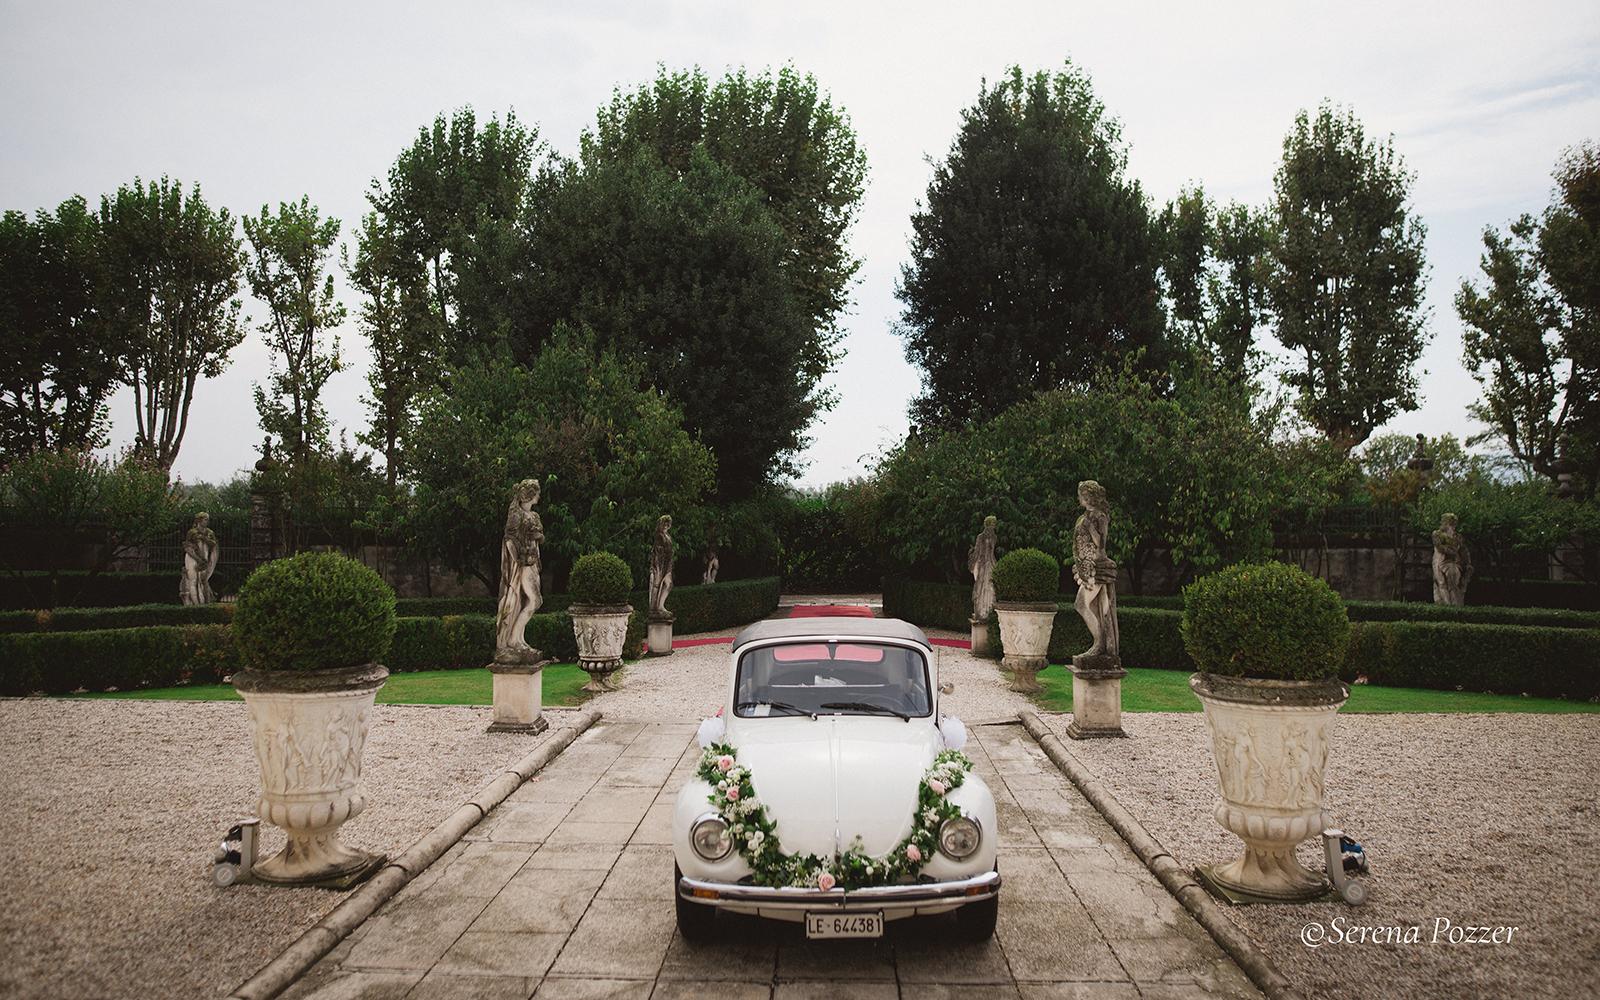 giardino esterno per eventi Vicenza, spazio esterno per eventi Vicenza, giardino esterno matrimonio Vicenza, Vicenza matrimonio ricevimento